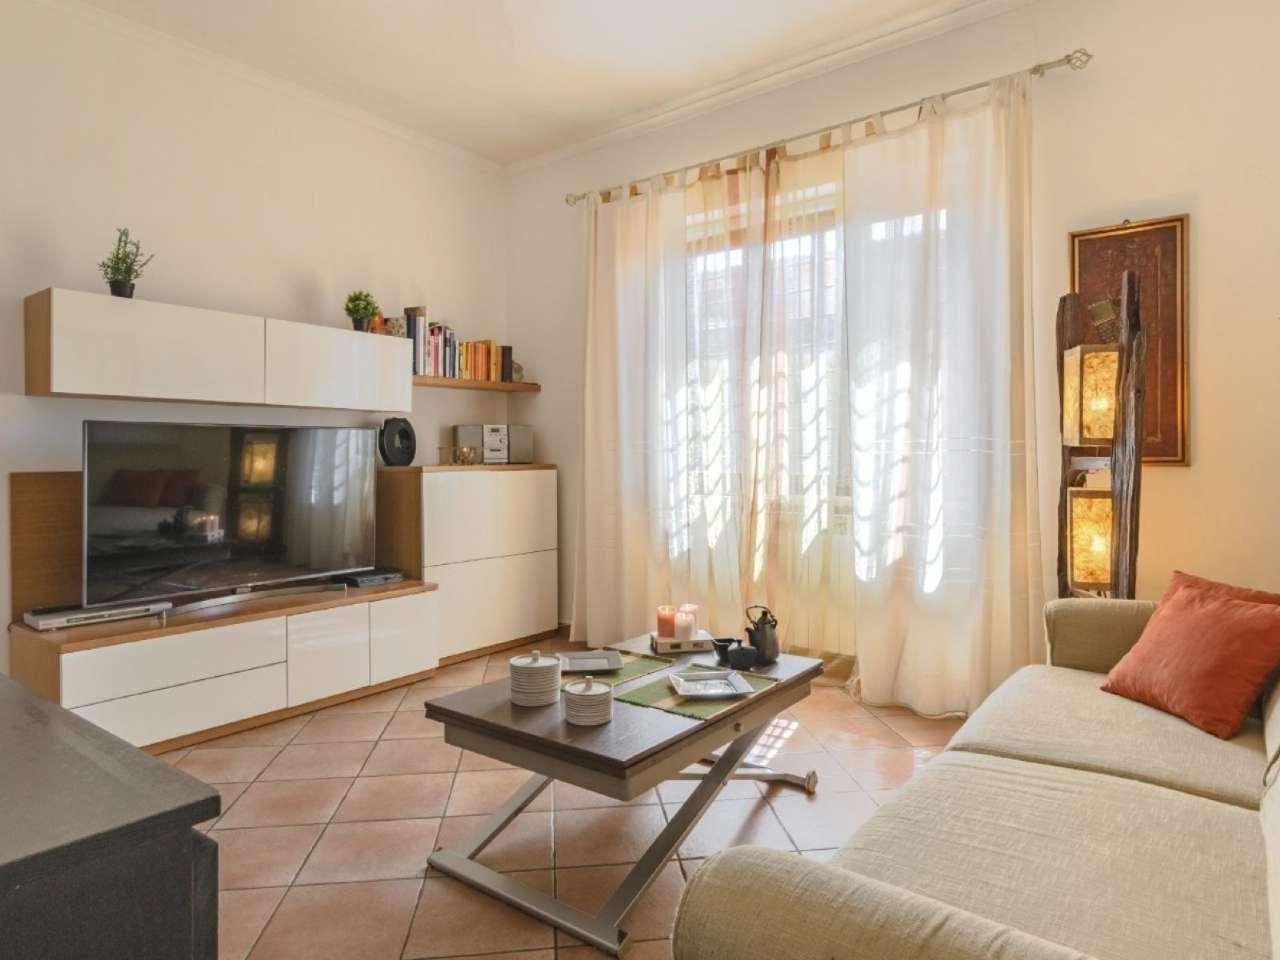 Case Con Terrazzo Roma bilocale in vendita a roma - zona: 38 . acilia, vitinia, infernetto, axa,  casal palocco, madonnetta